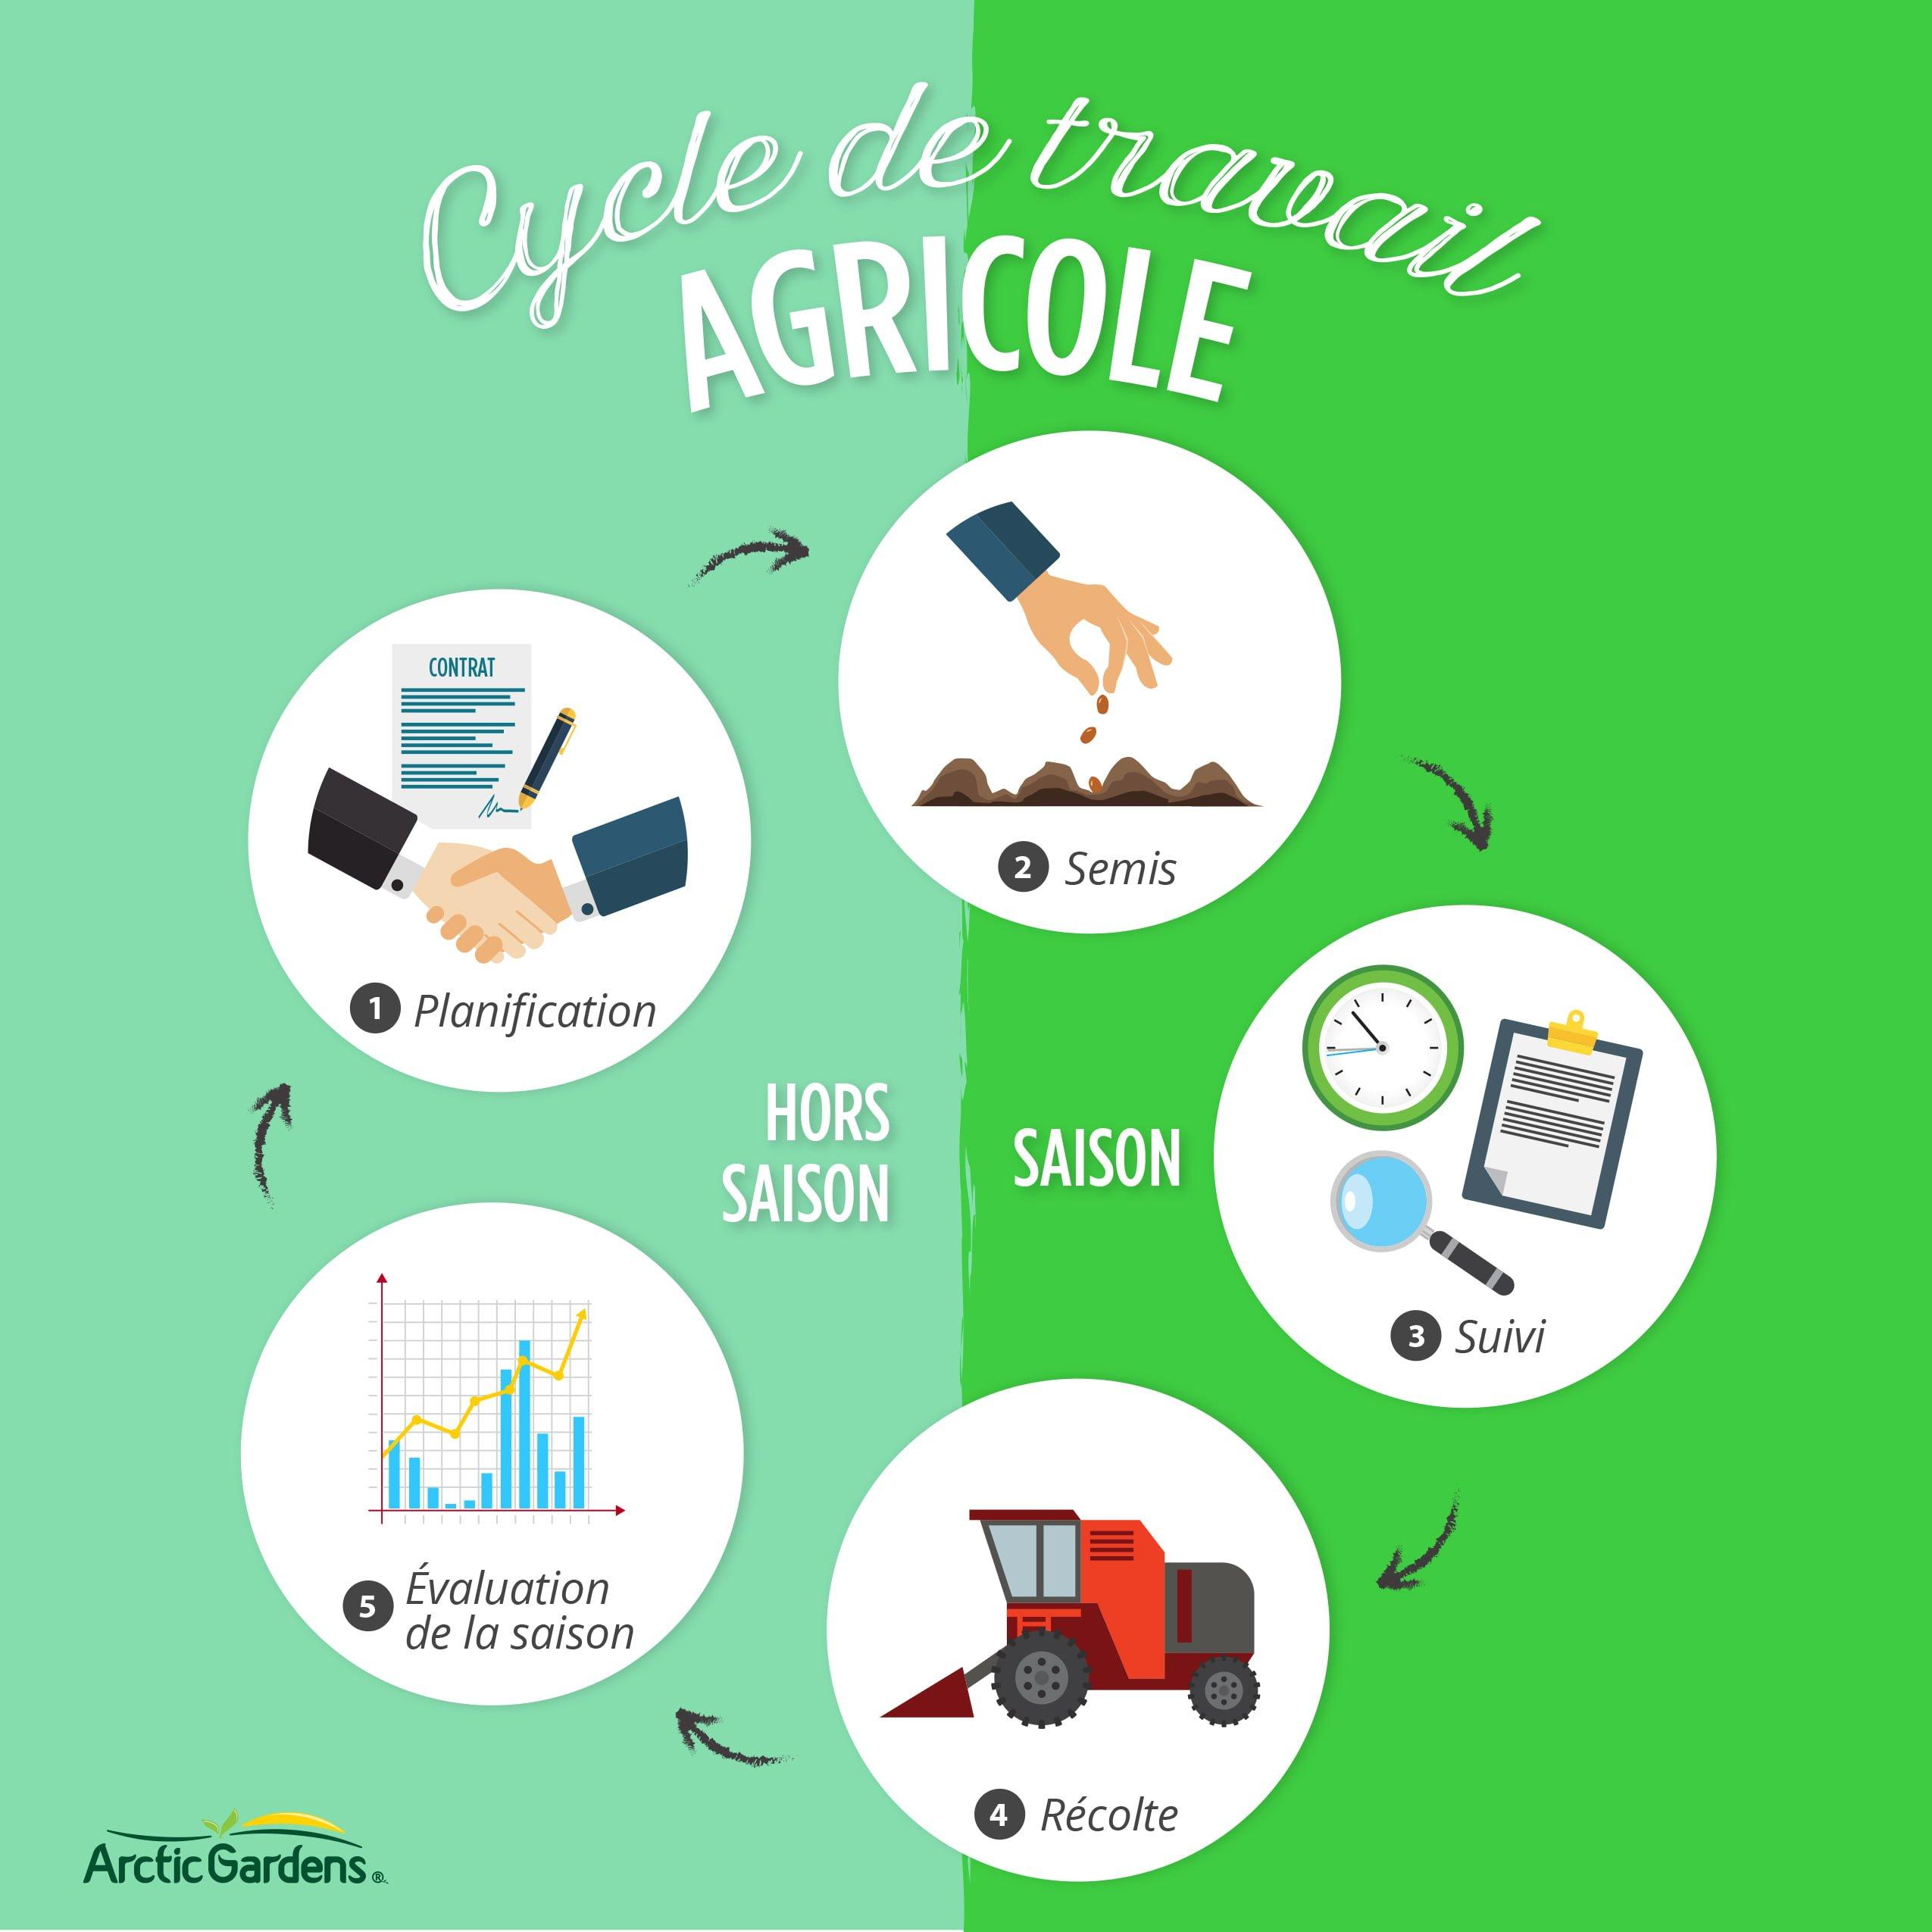 Cycle_de_travail_agricole